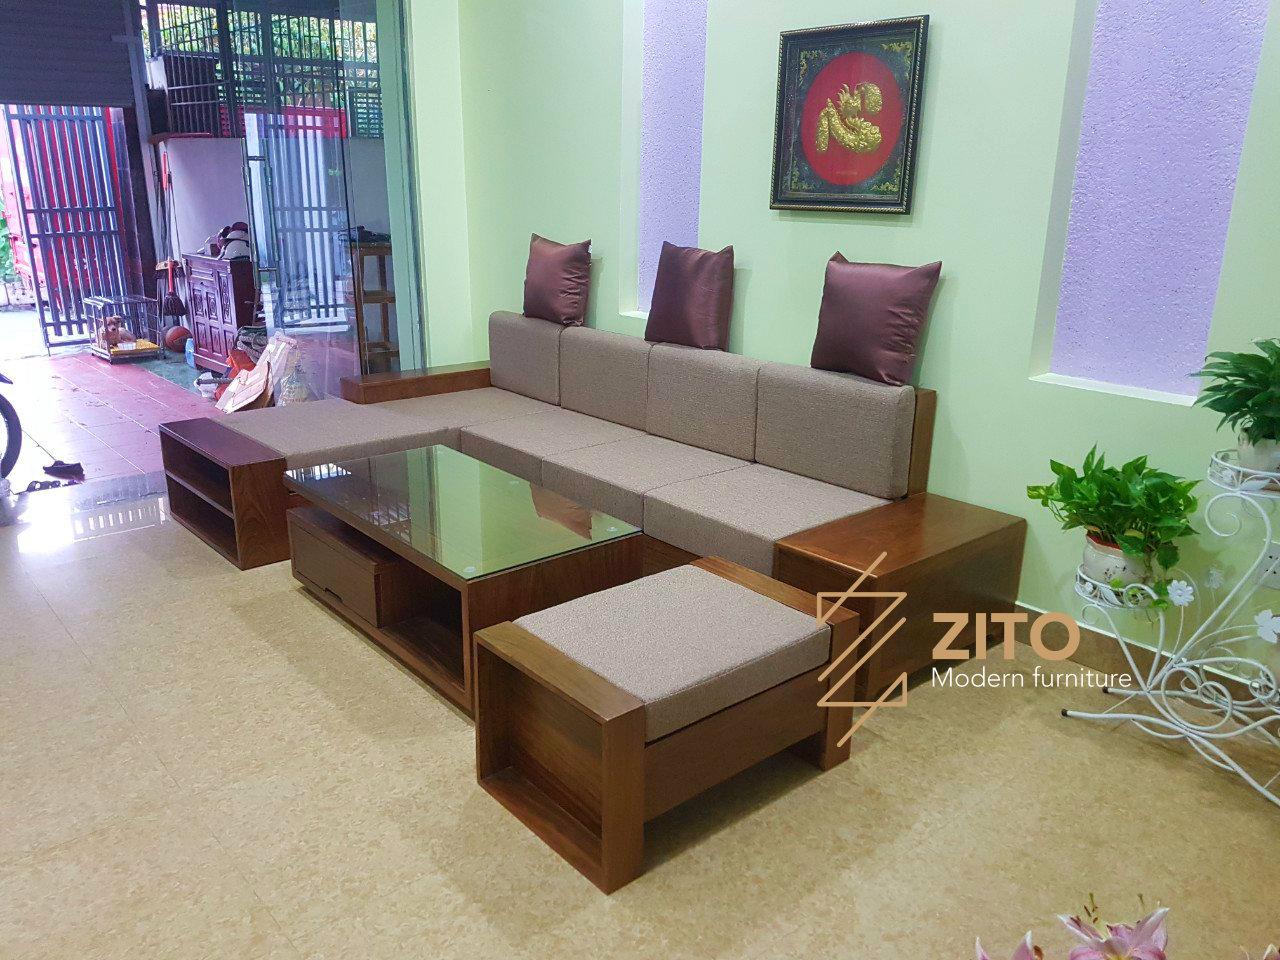 Chiêm ngưỡng hình ảnh thực bộ sofa ZG 106 tại nhà chị Vân Anh